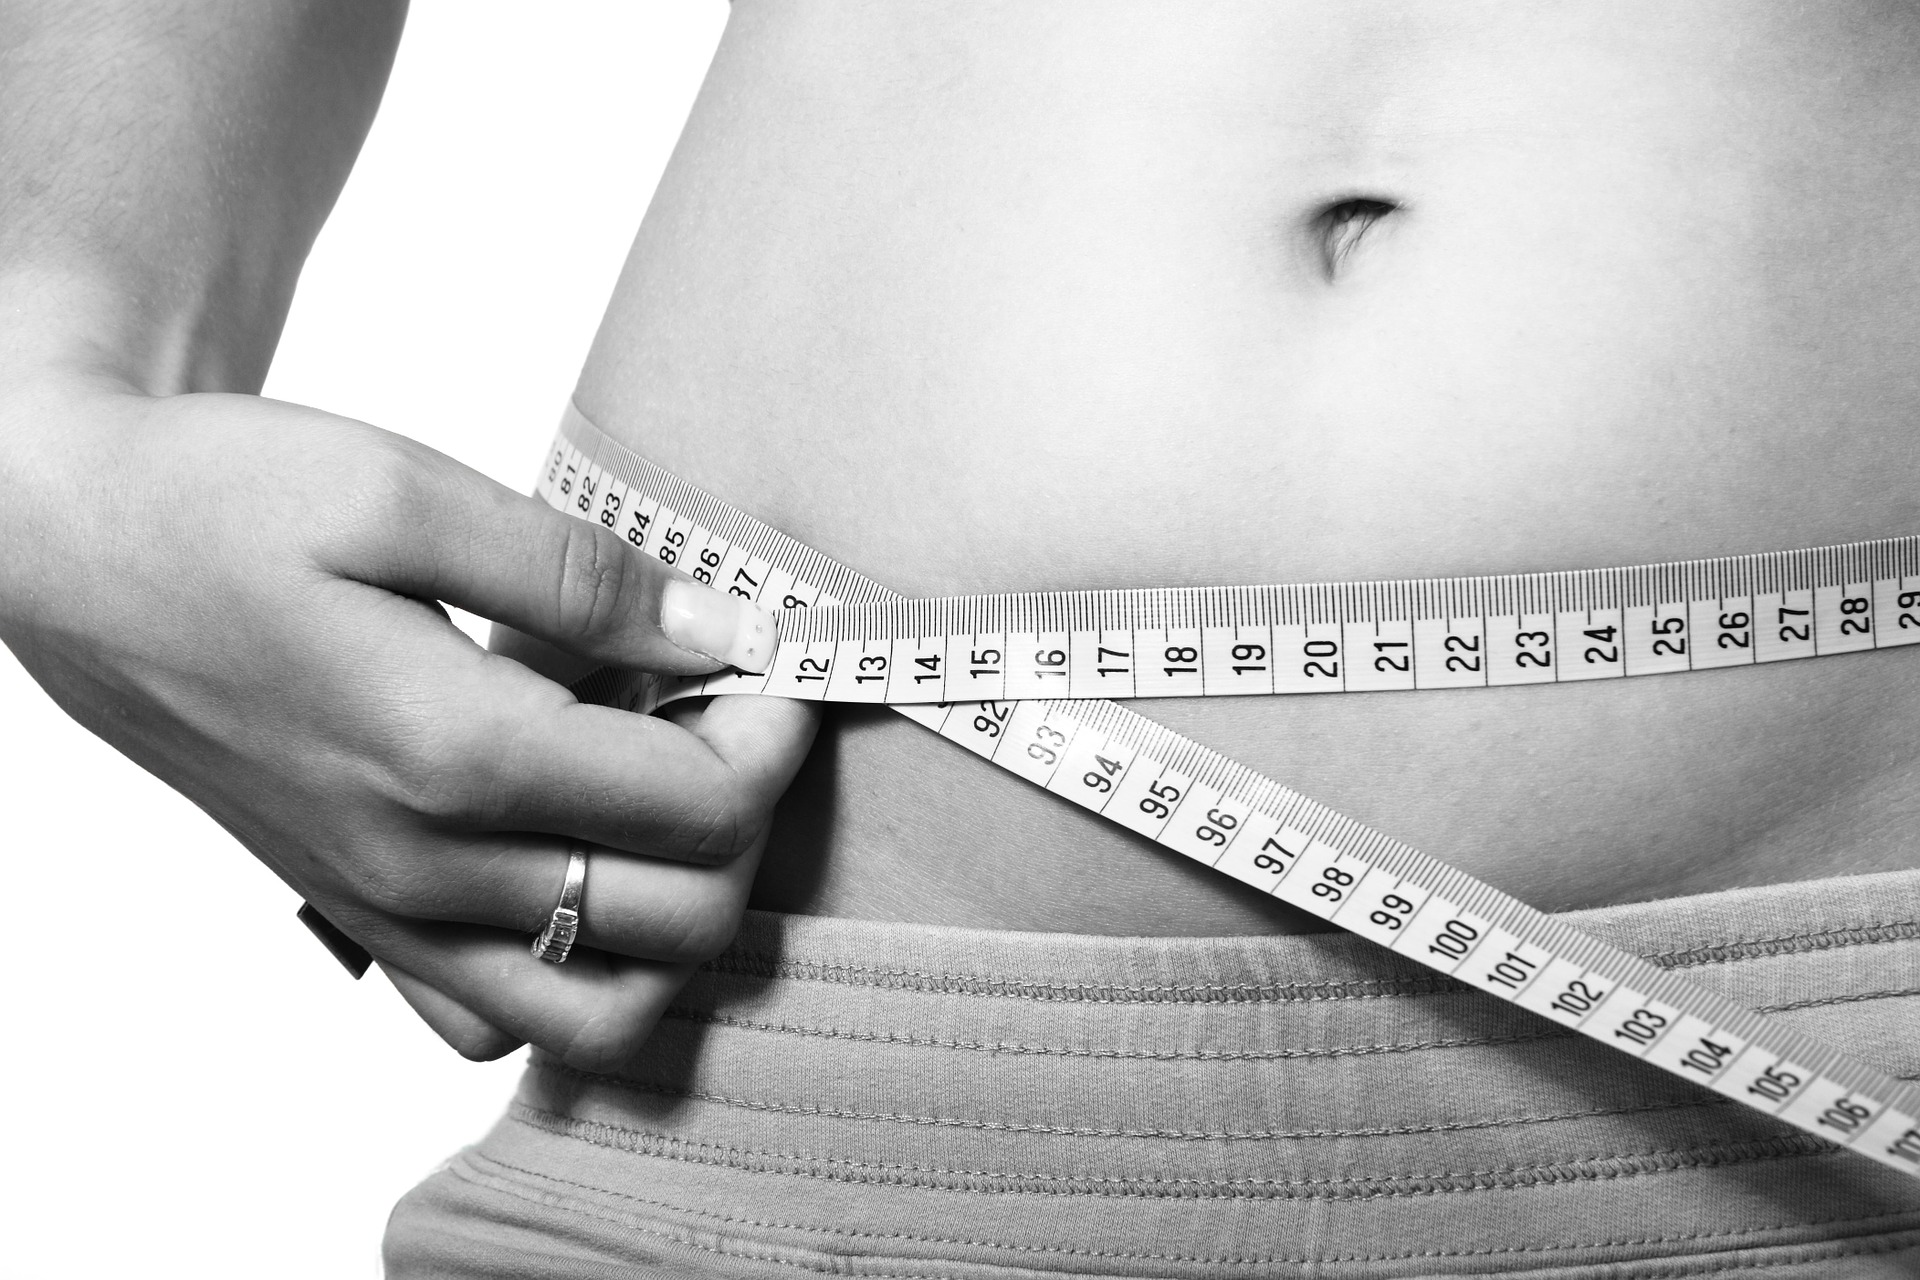 砂糖 血糖値を上げる